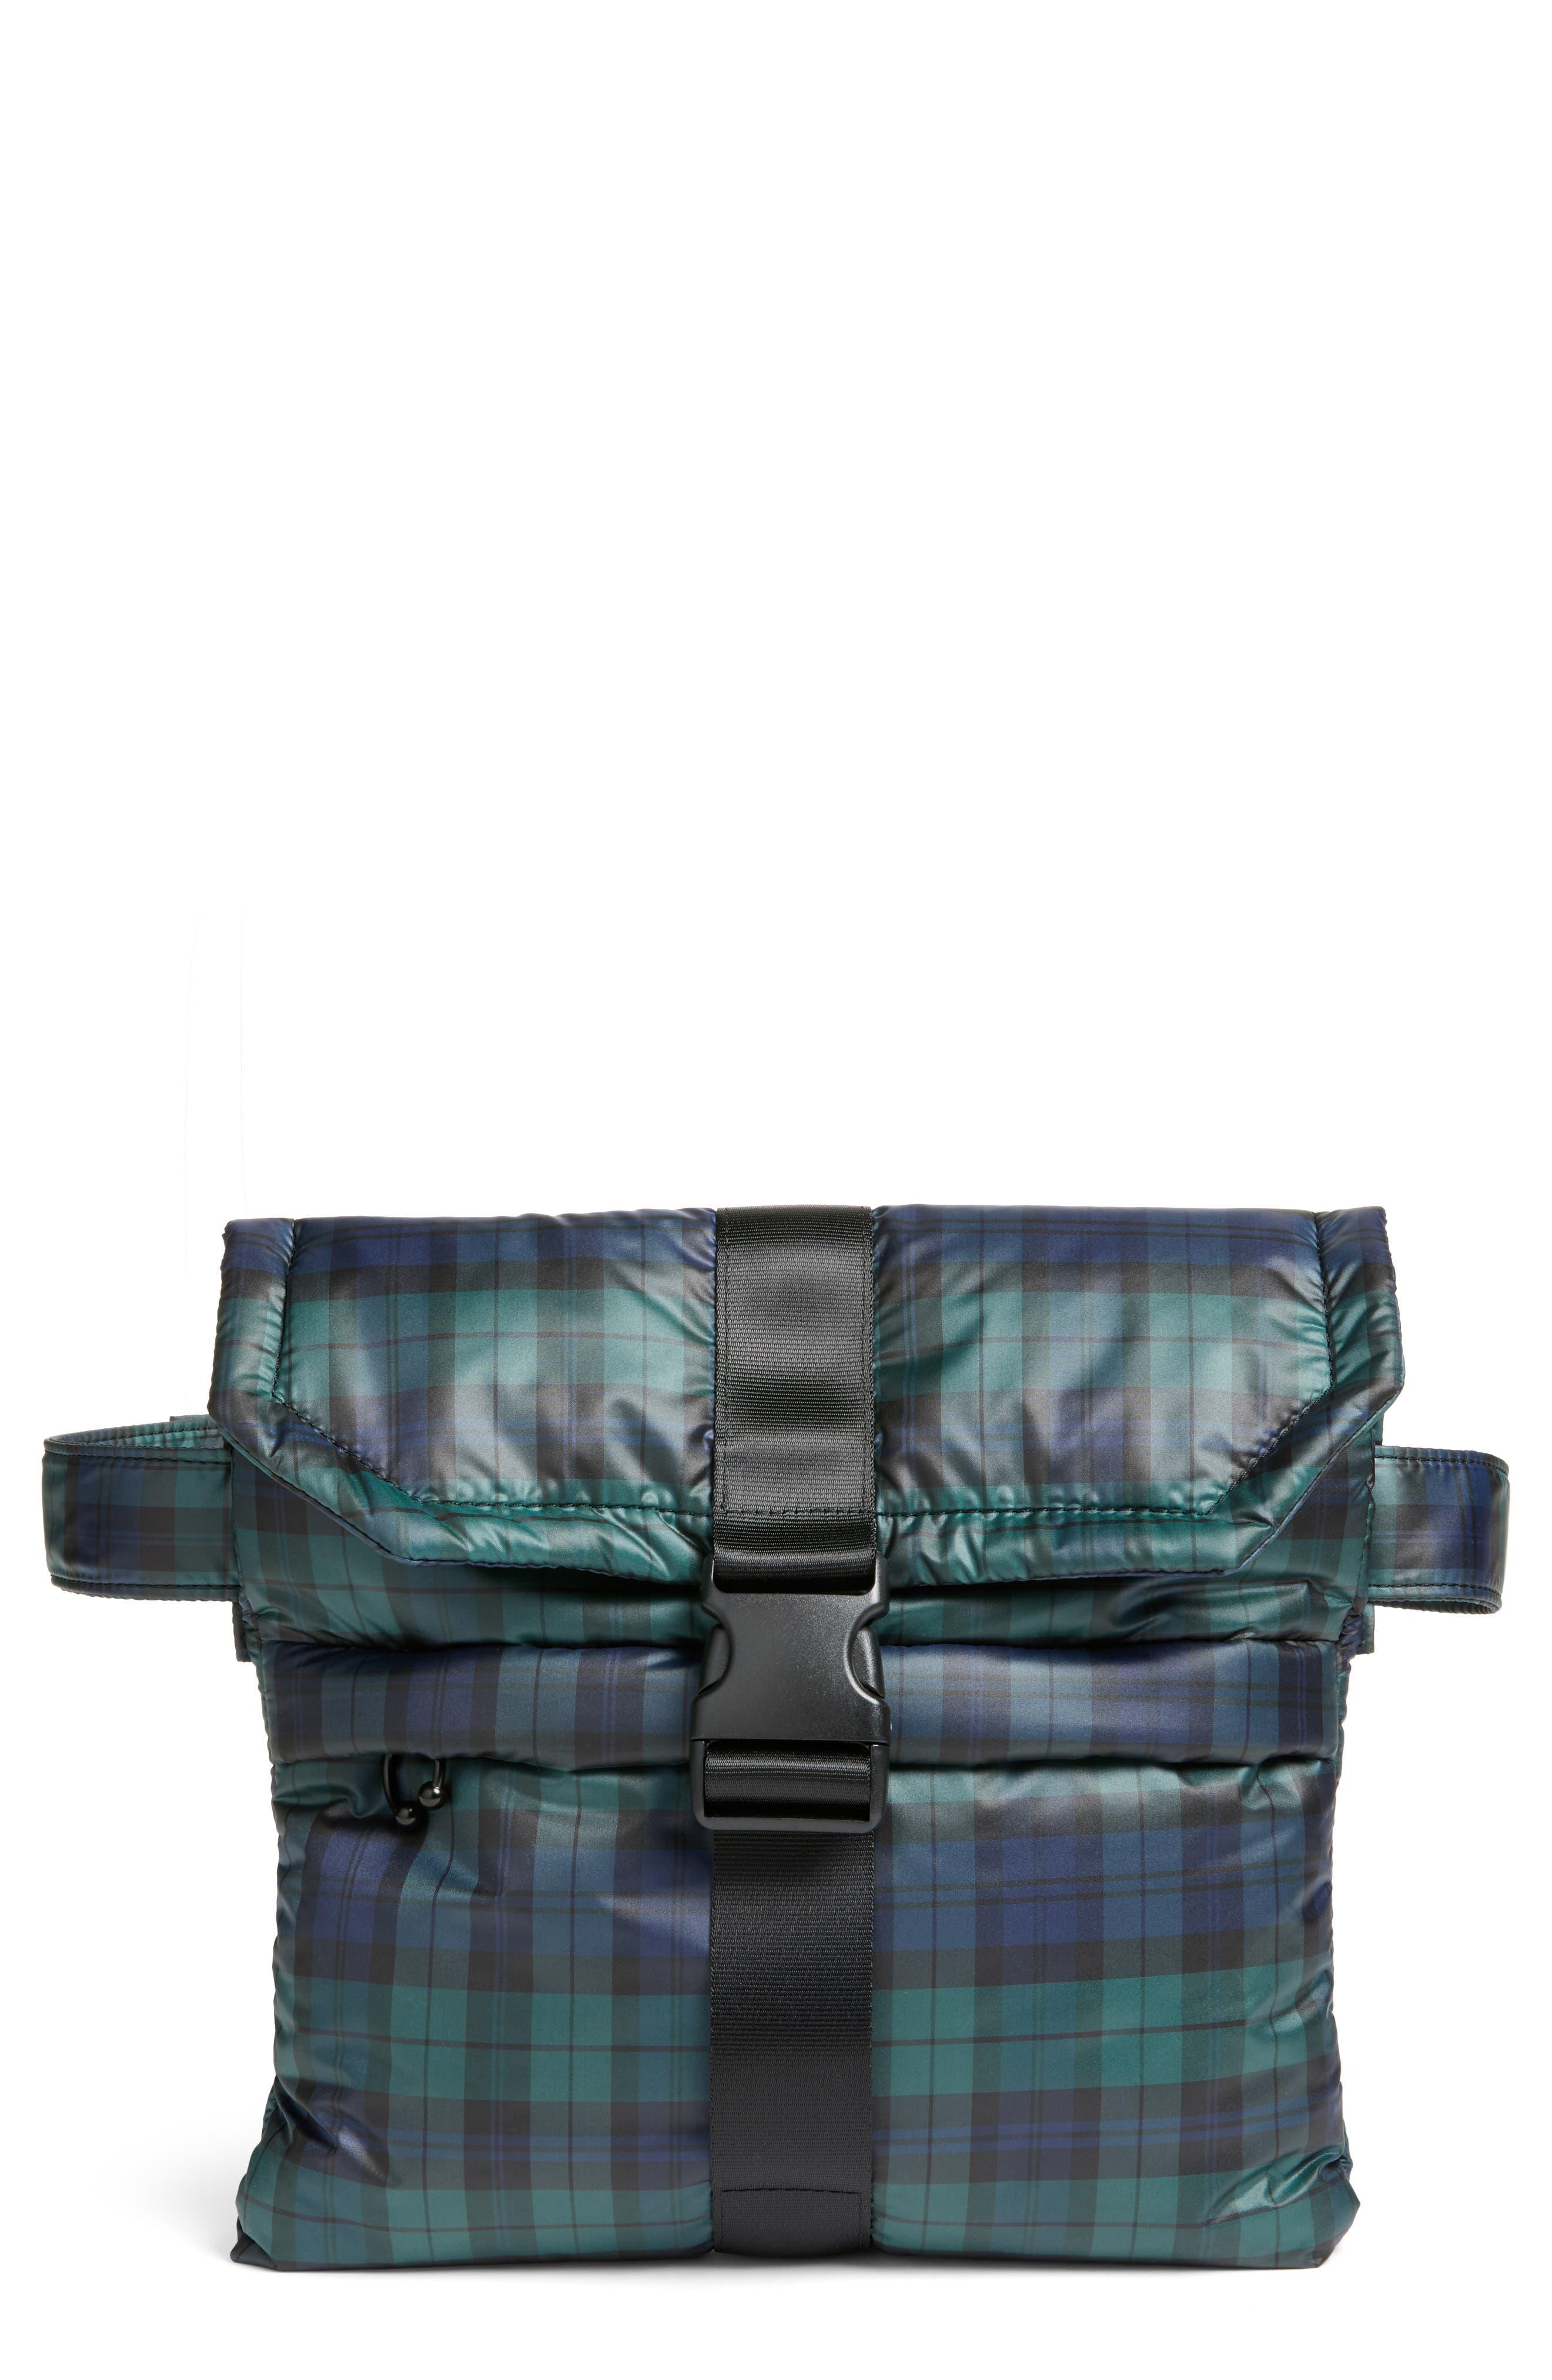 FENTY PUMA by Rihanna Messenger Bag,                         Main,                         color, 400